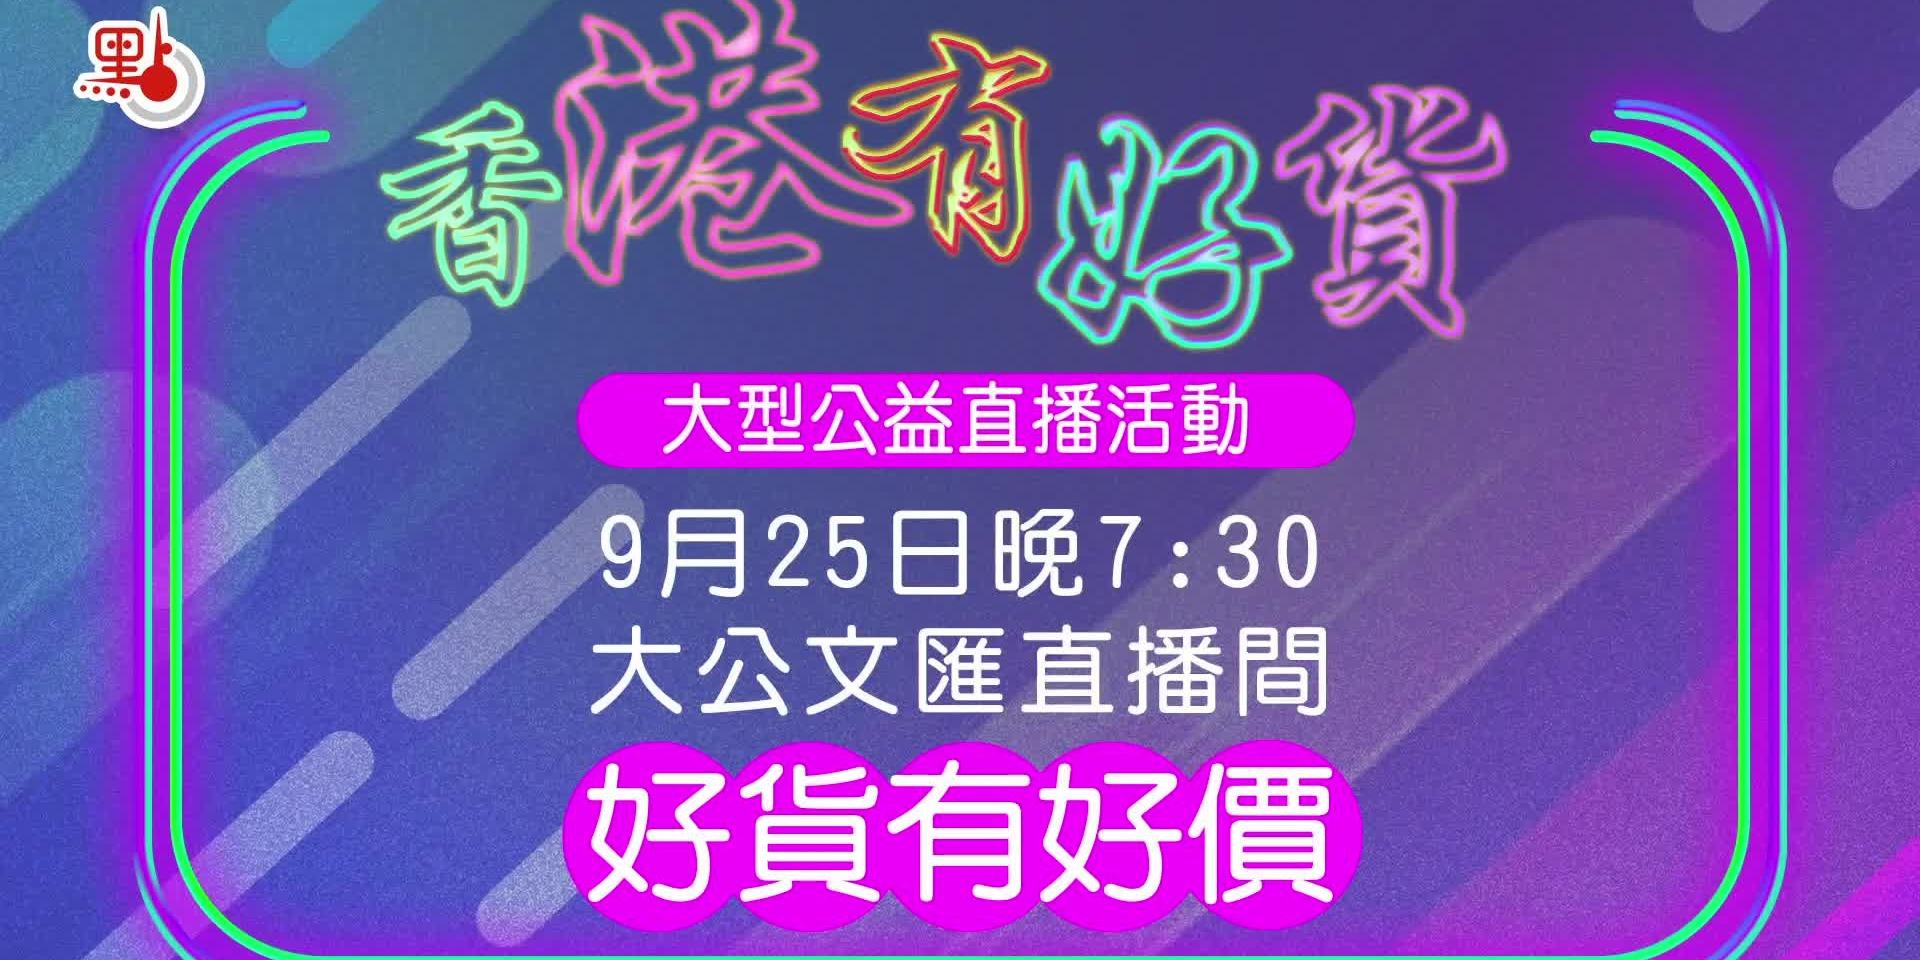 本周五,香港有大事發生!